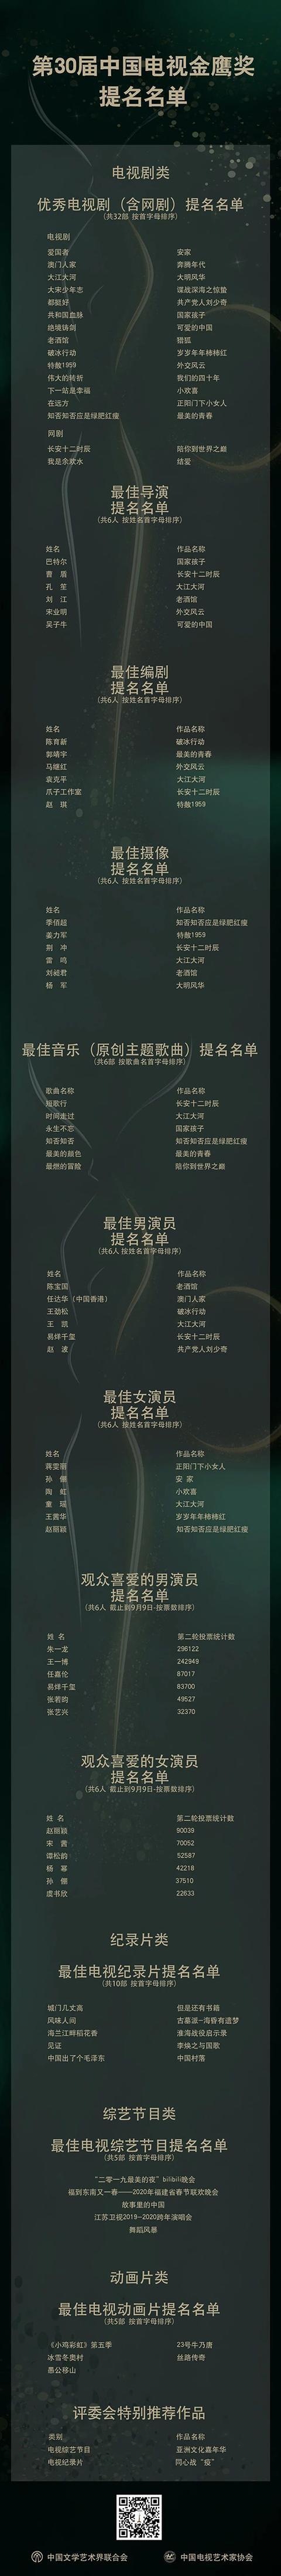 第30届金鹰奖提名公布 32部优秀电视剧、网剧同台竞技-第1张